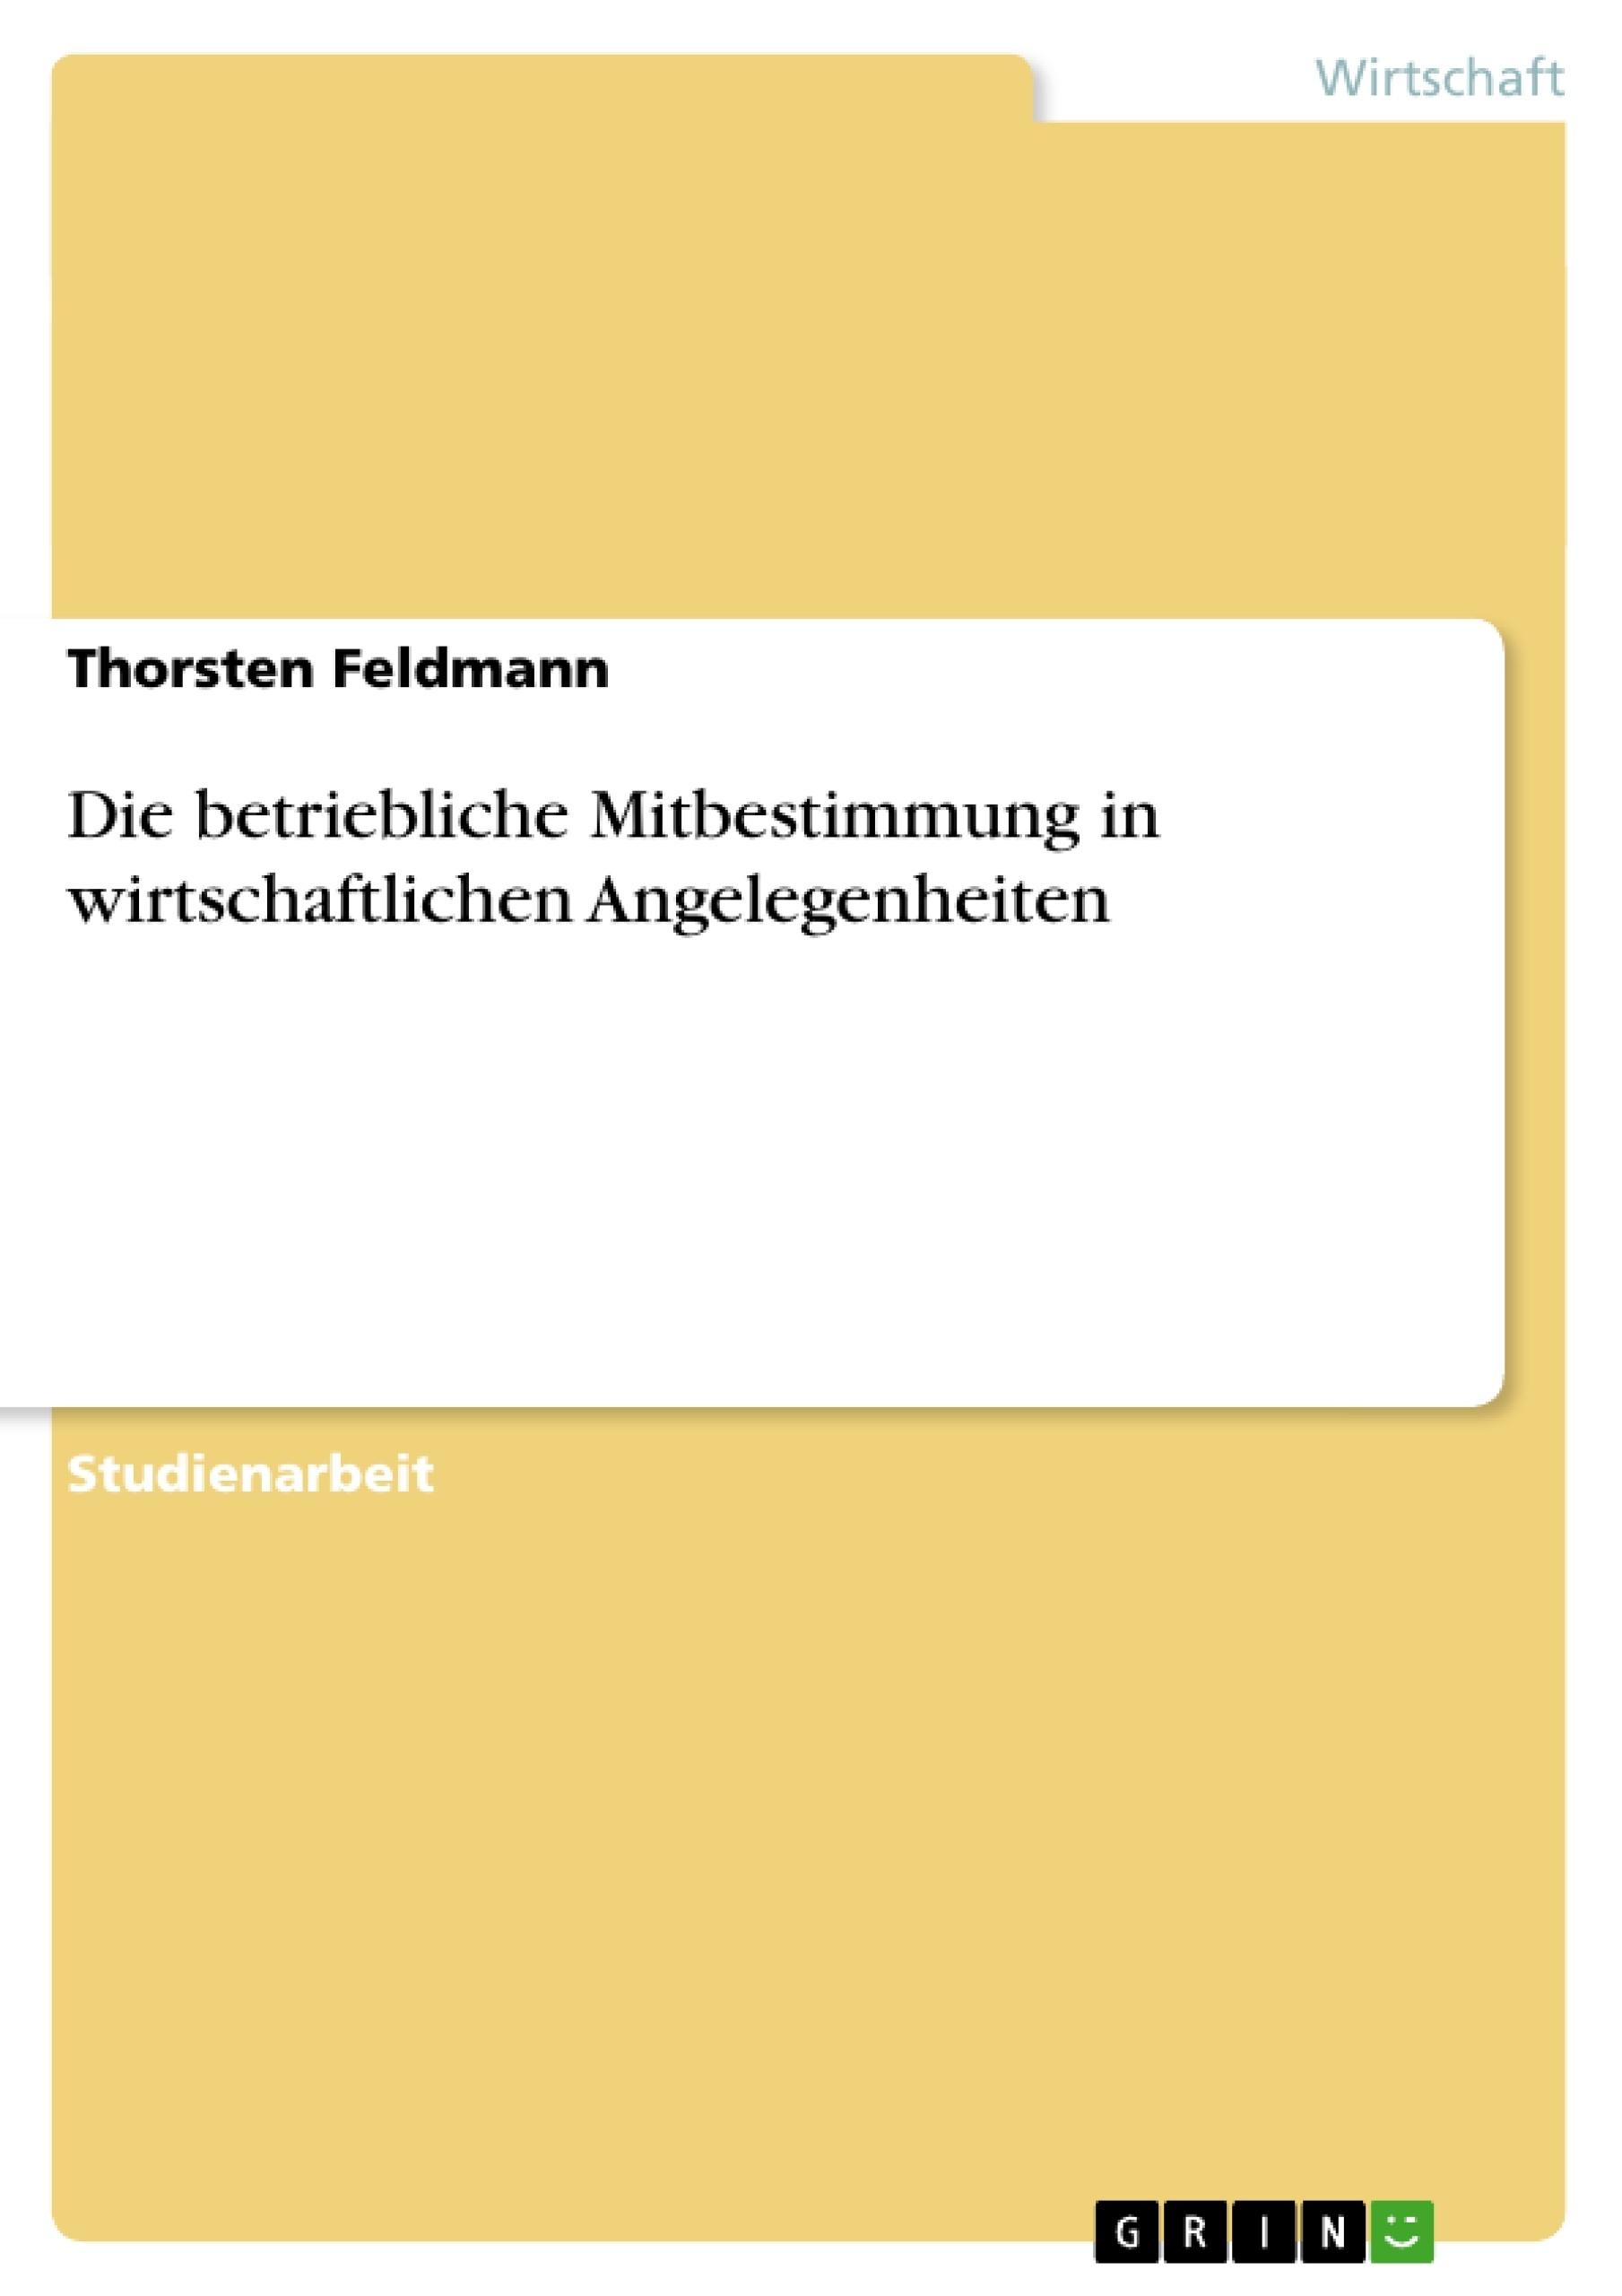 Titel: Die betriebliche Mitbestimmung in wirtschaftlichen Angelegenheiten